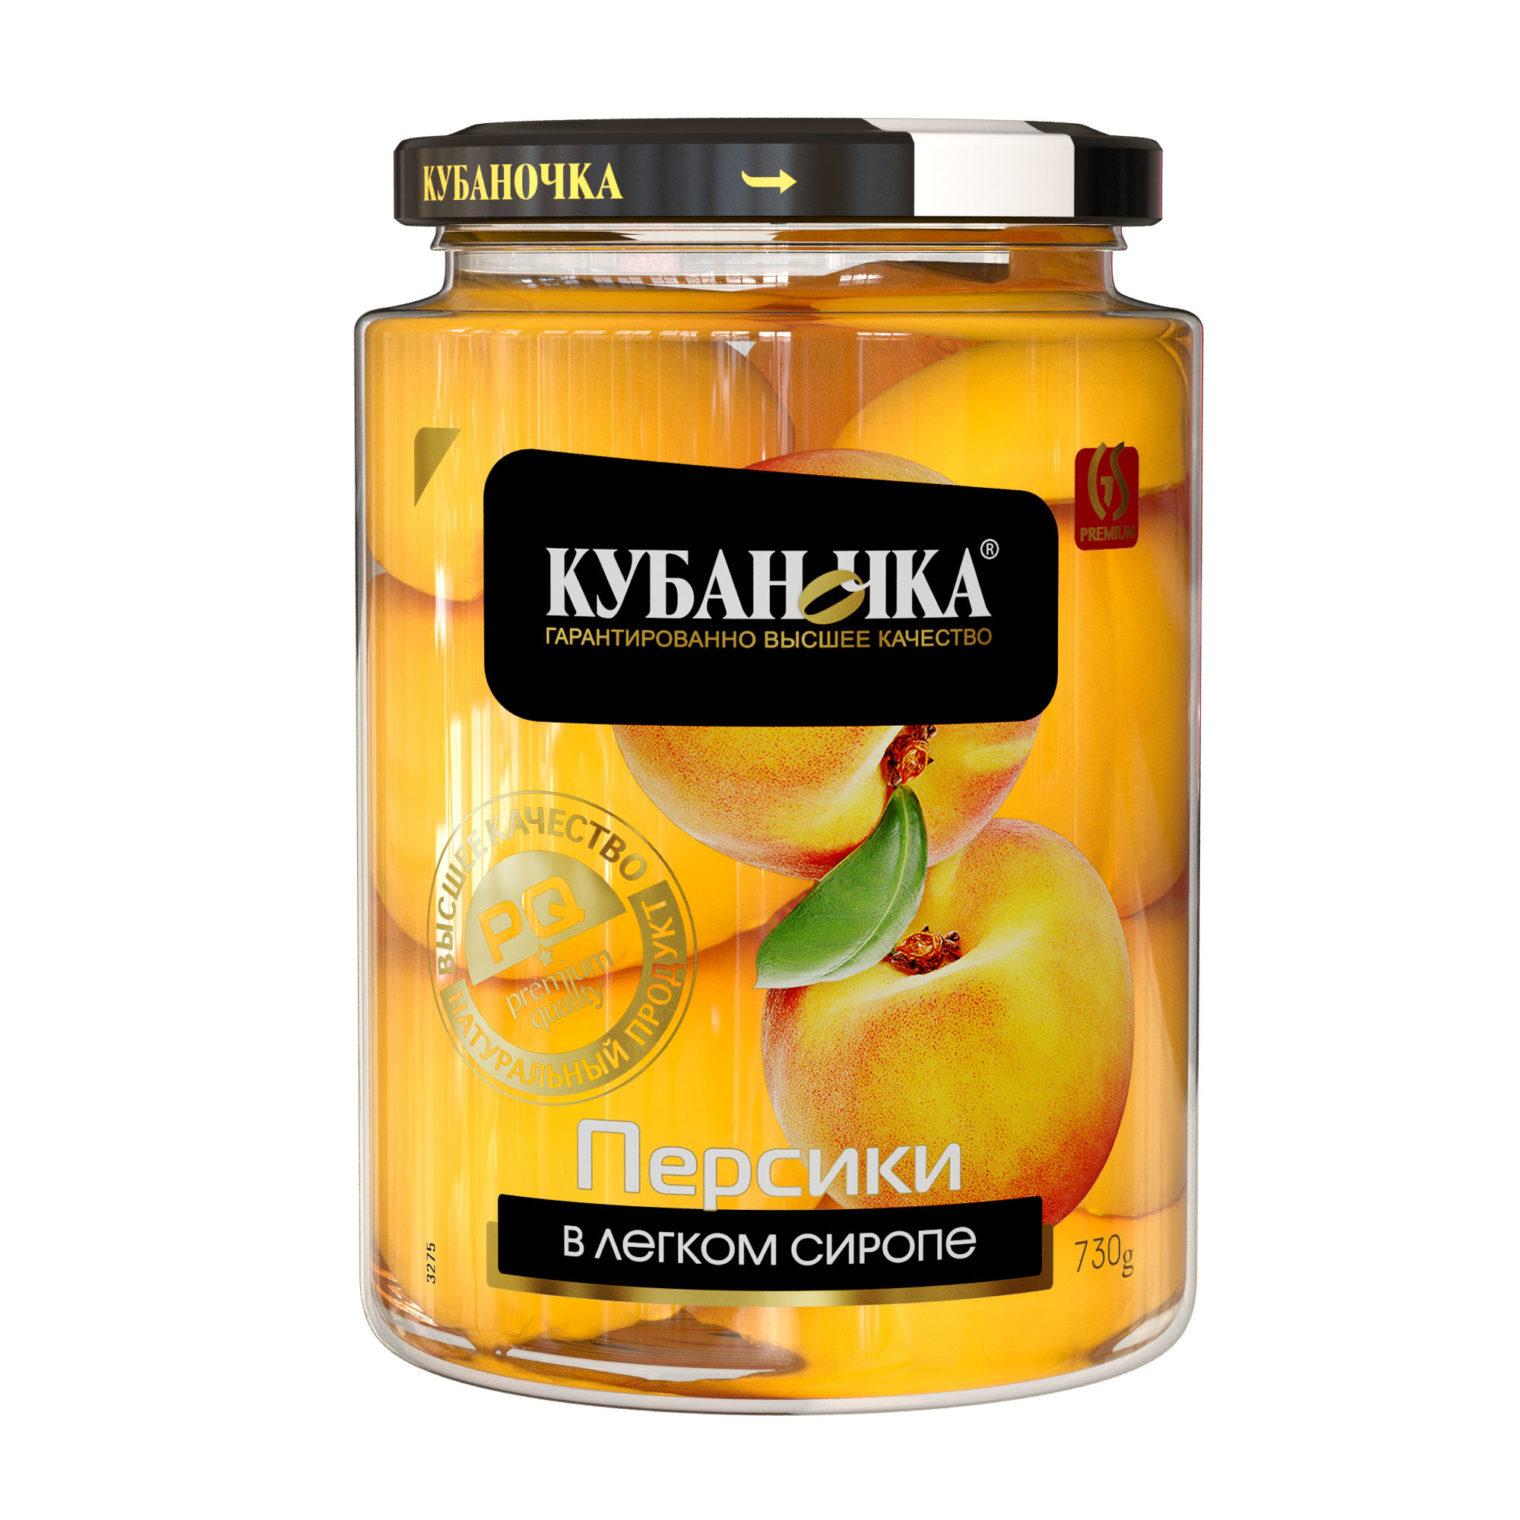 Персики в легком сиропе, Масса: 730 г